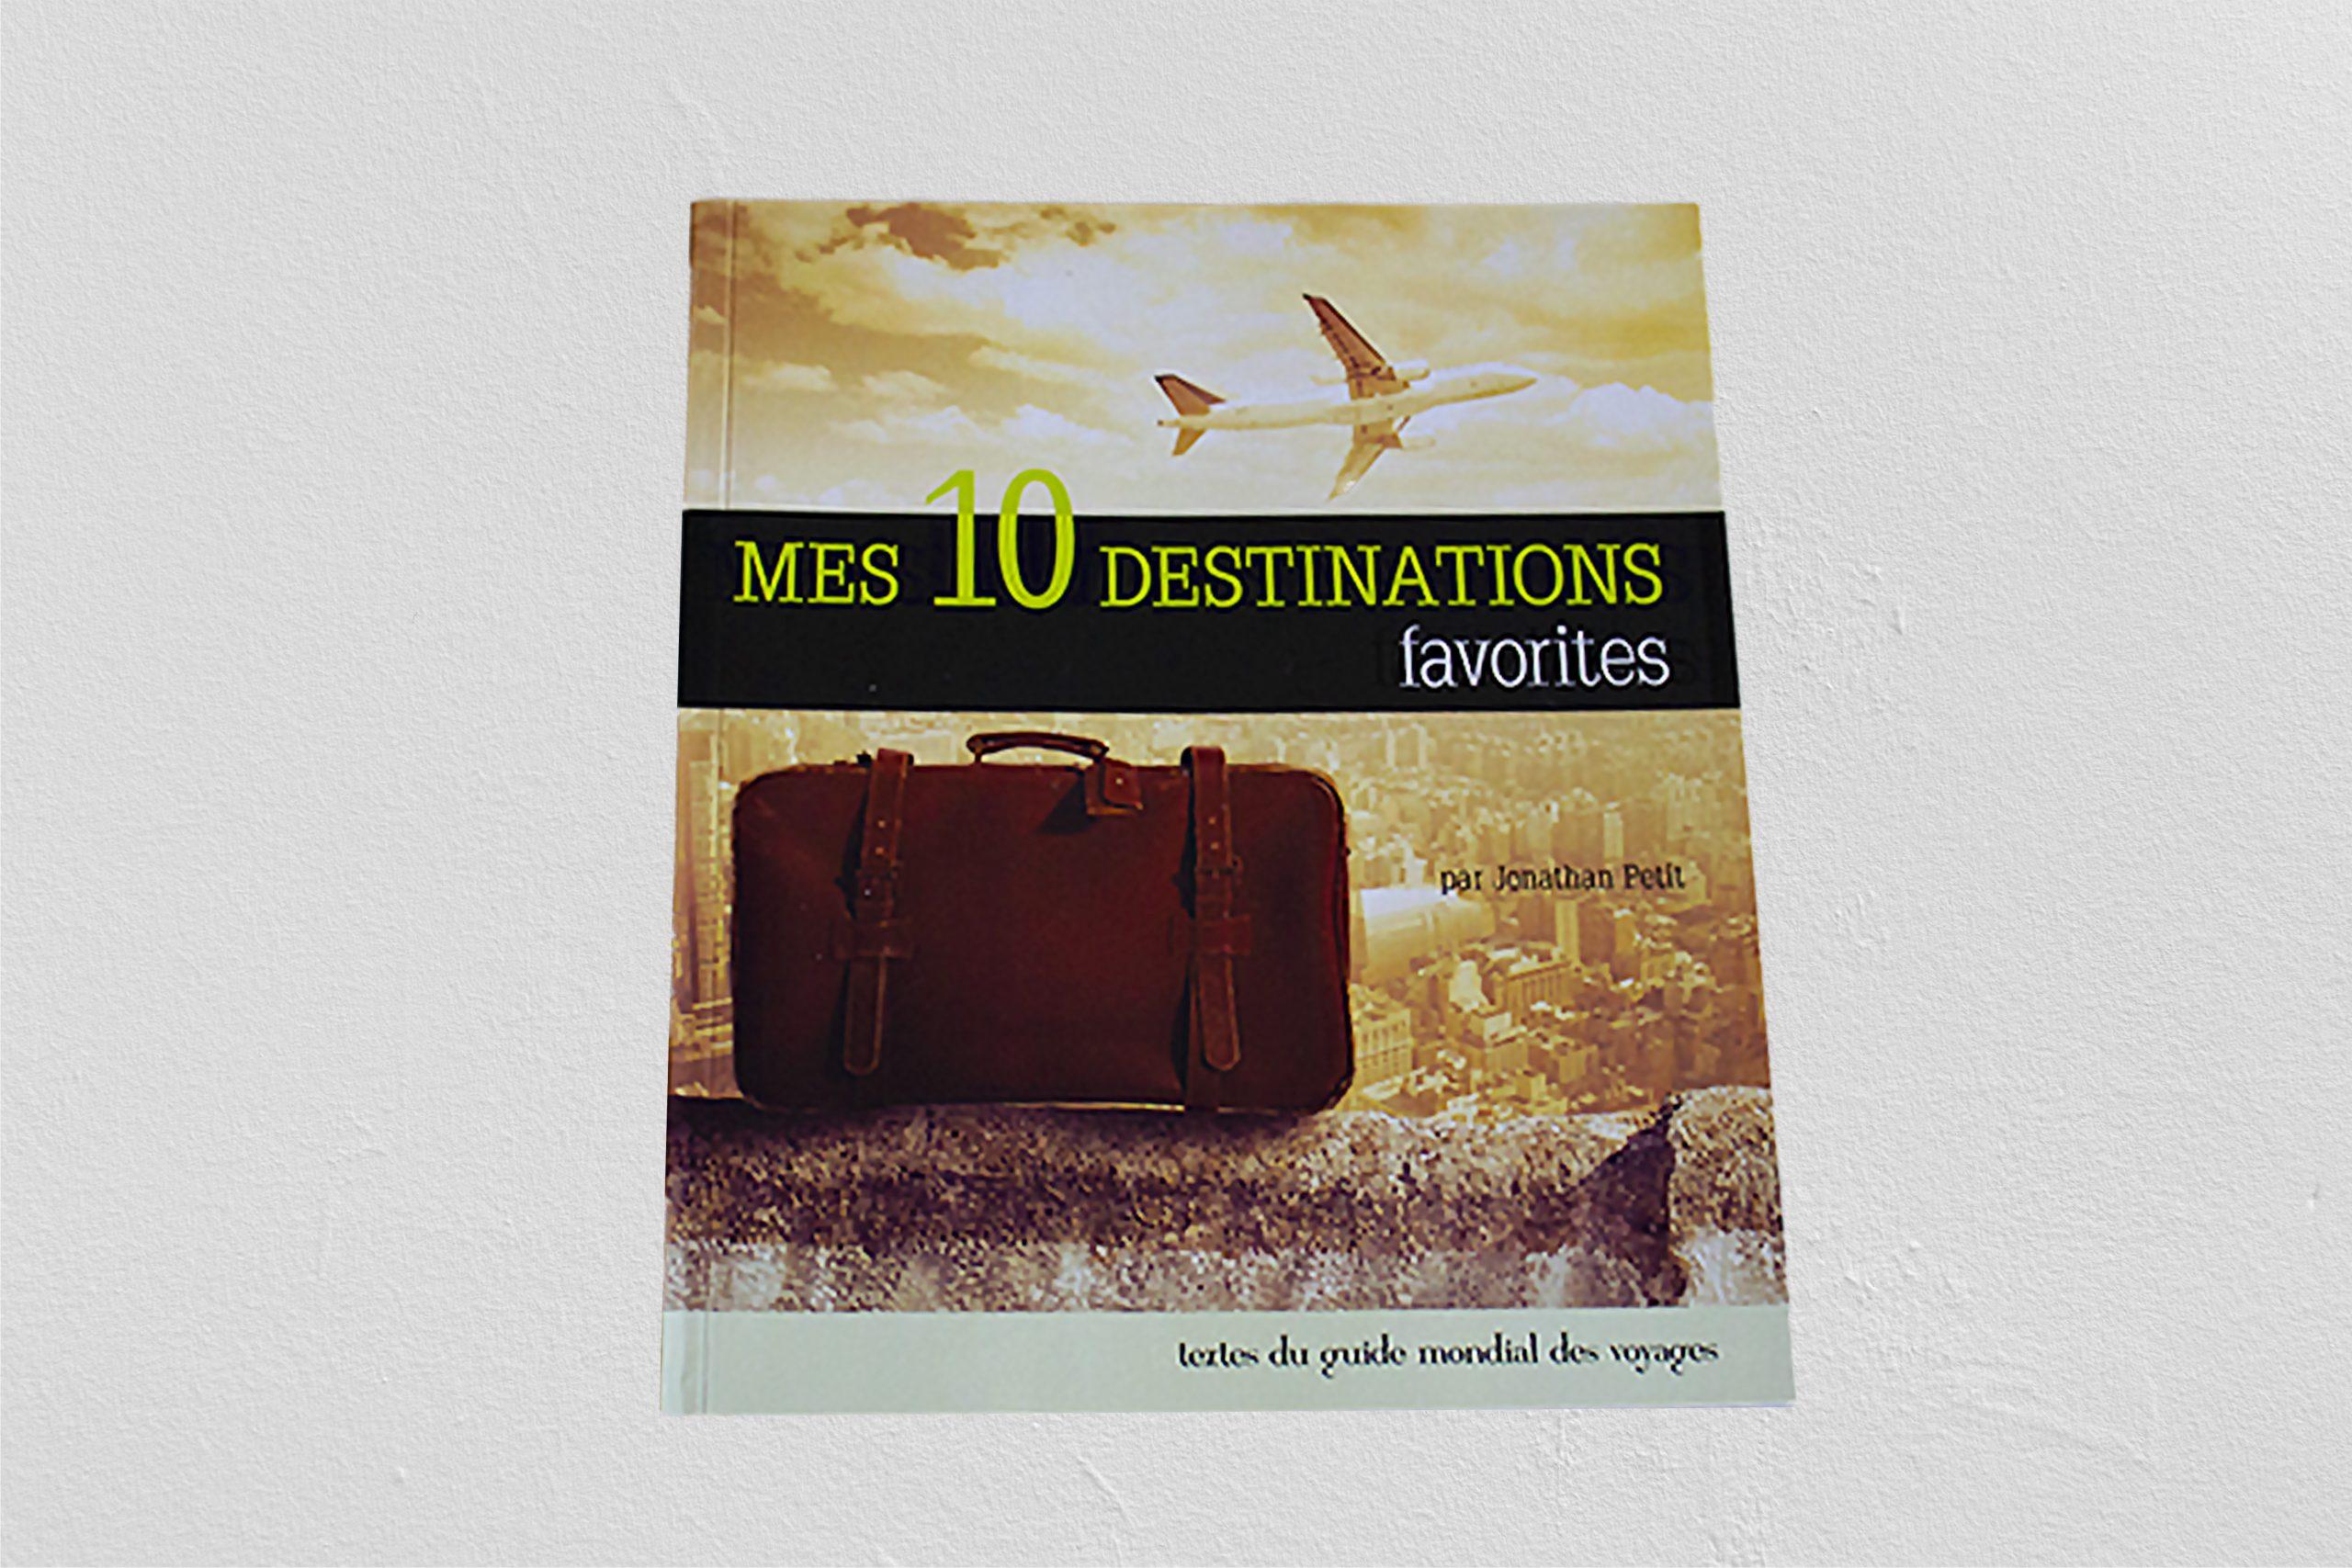 Couverture d'un livre de destination de voyages